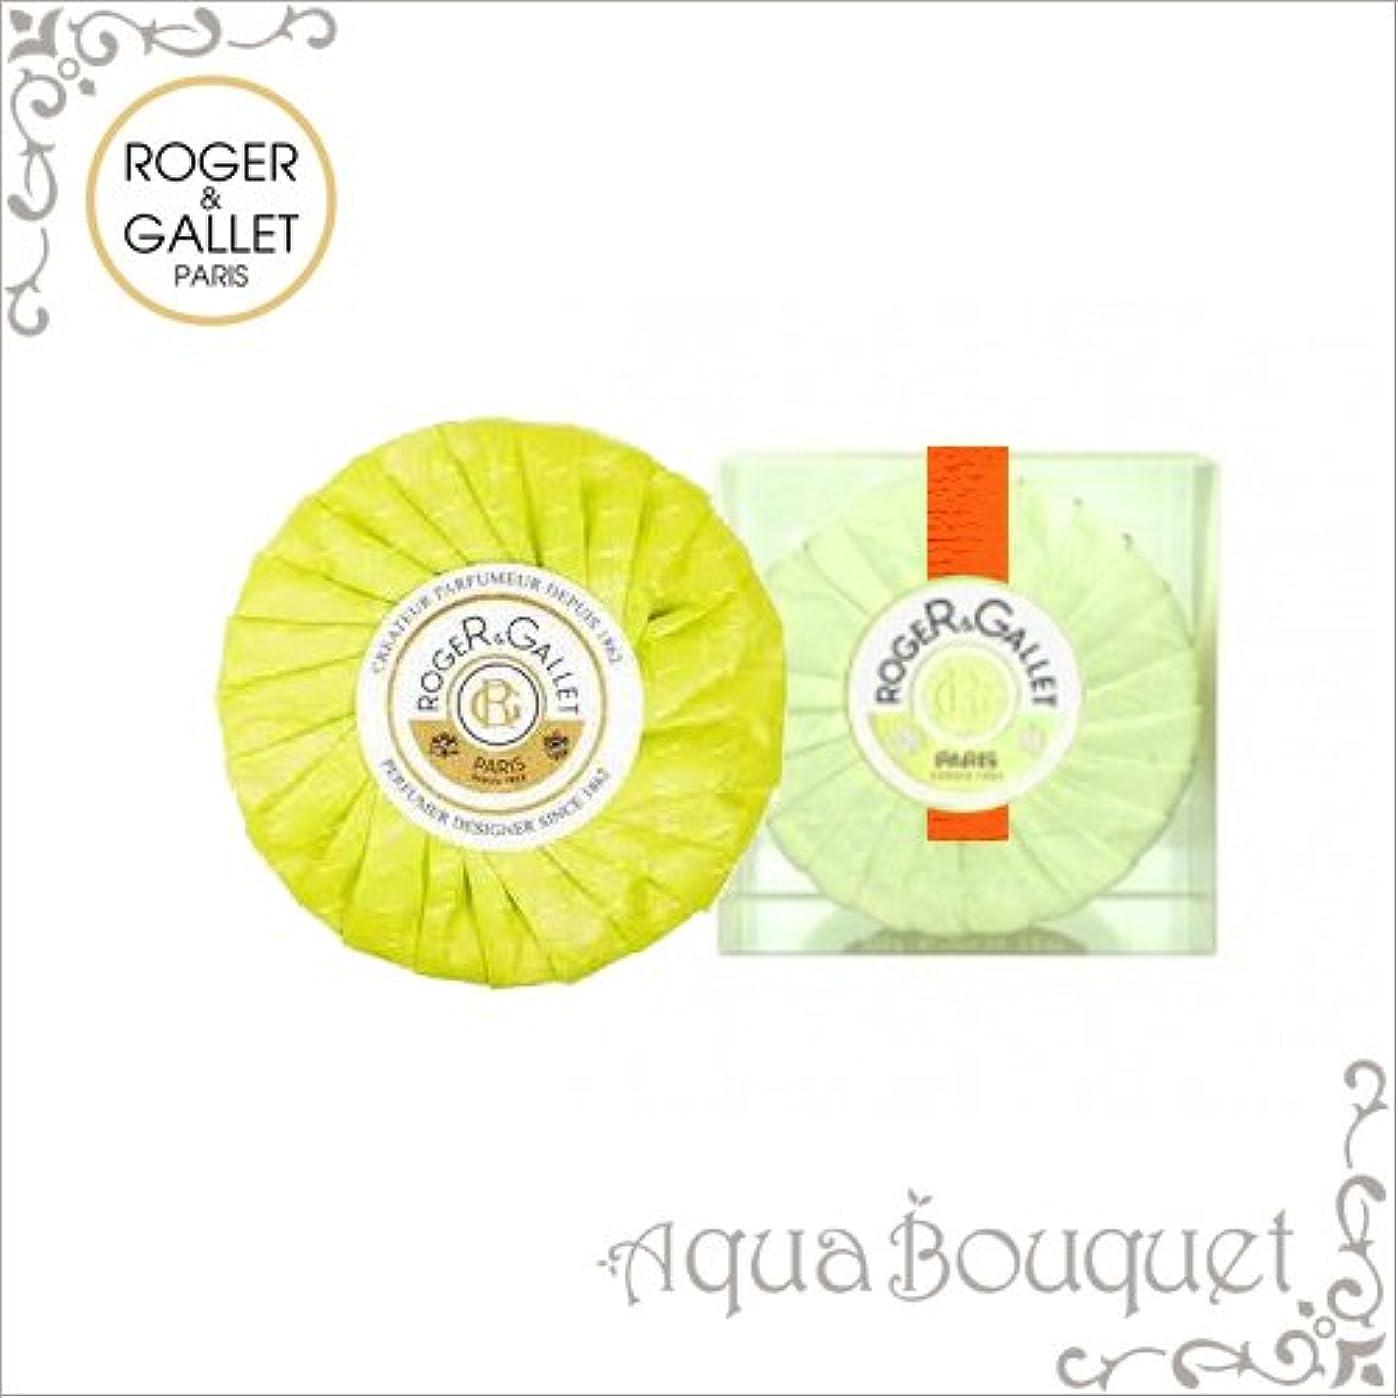 不忠放送無駄なロジェガレ オスマンティウスパフューム 香水石鹸 100g ROGER&GALLET FLEUR D'OSMANTHUS PERFUMED SOAP [1278](プラスチック簡易ケース入り) [並行輸入品]